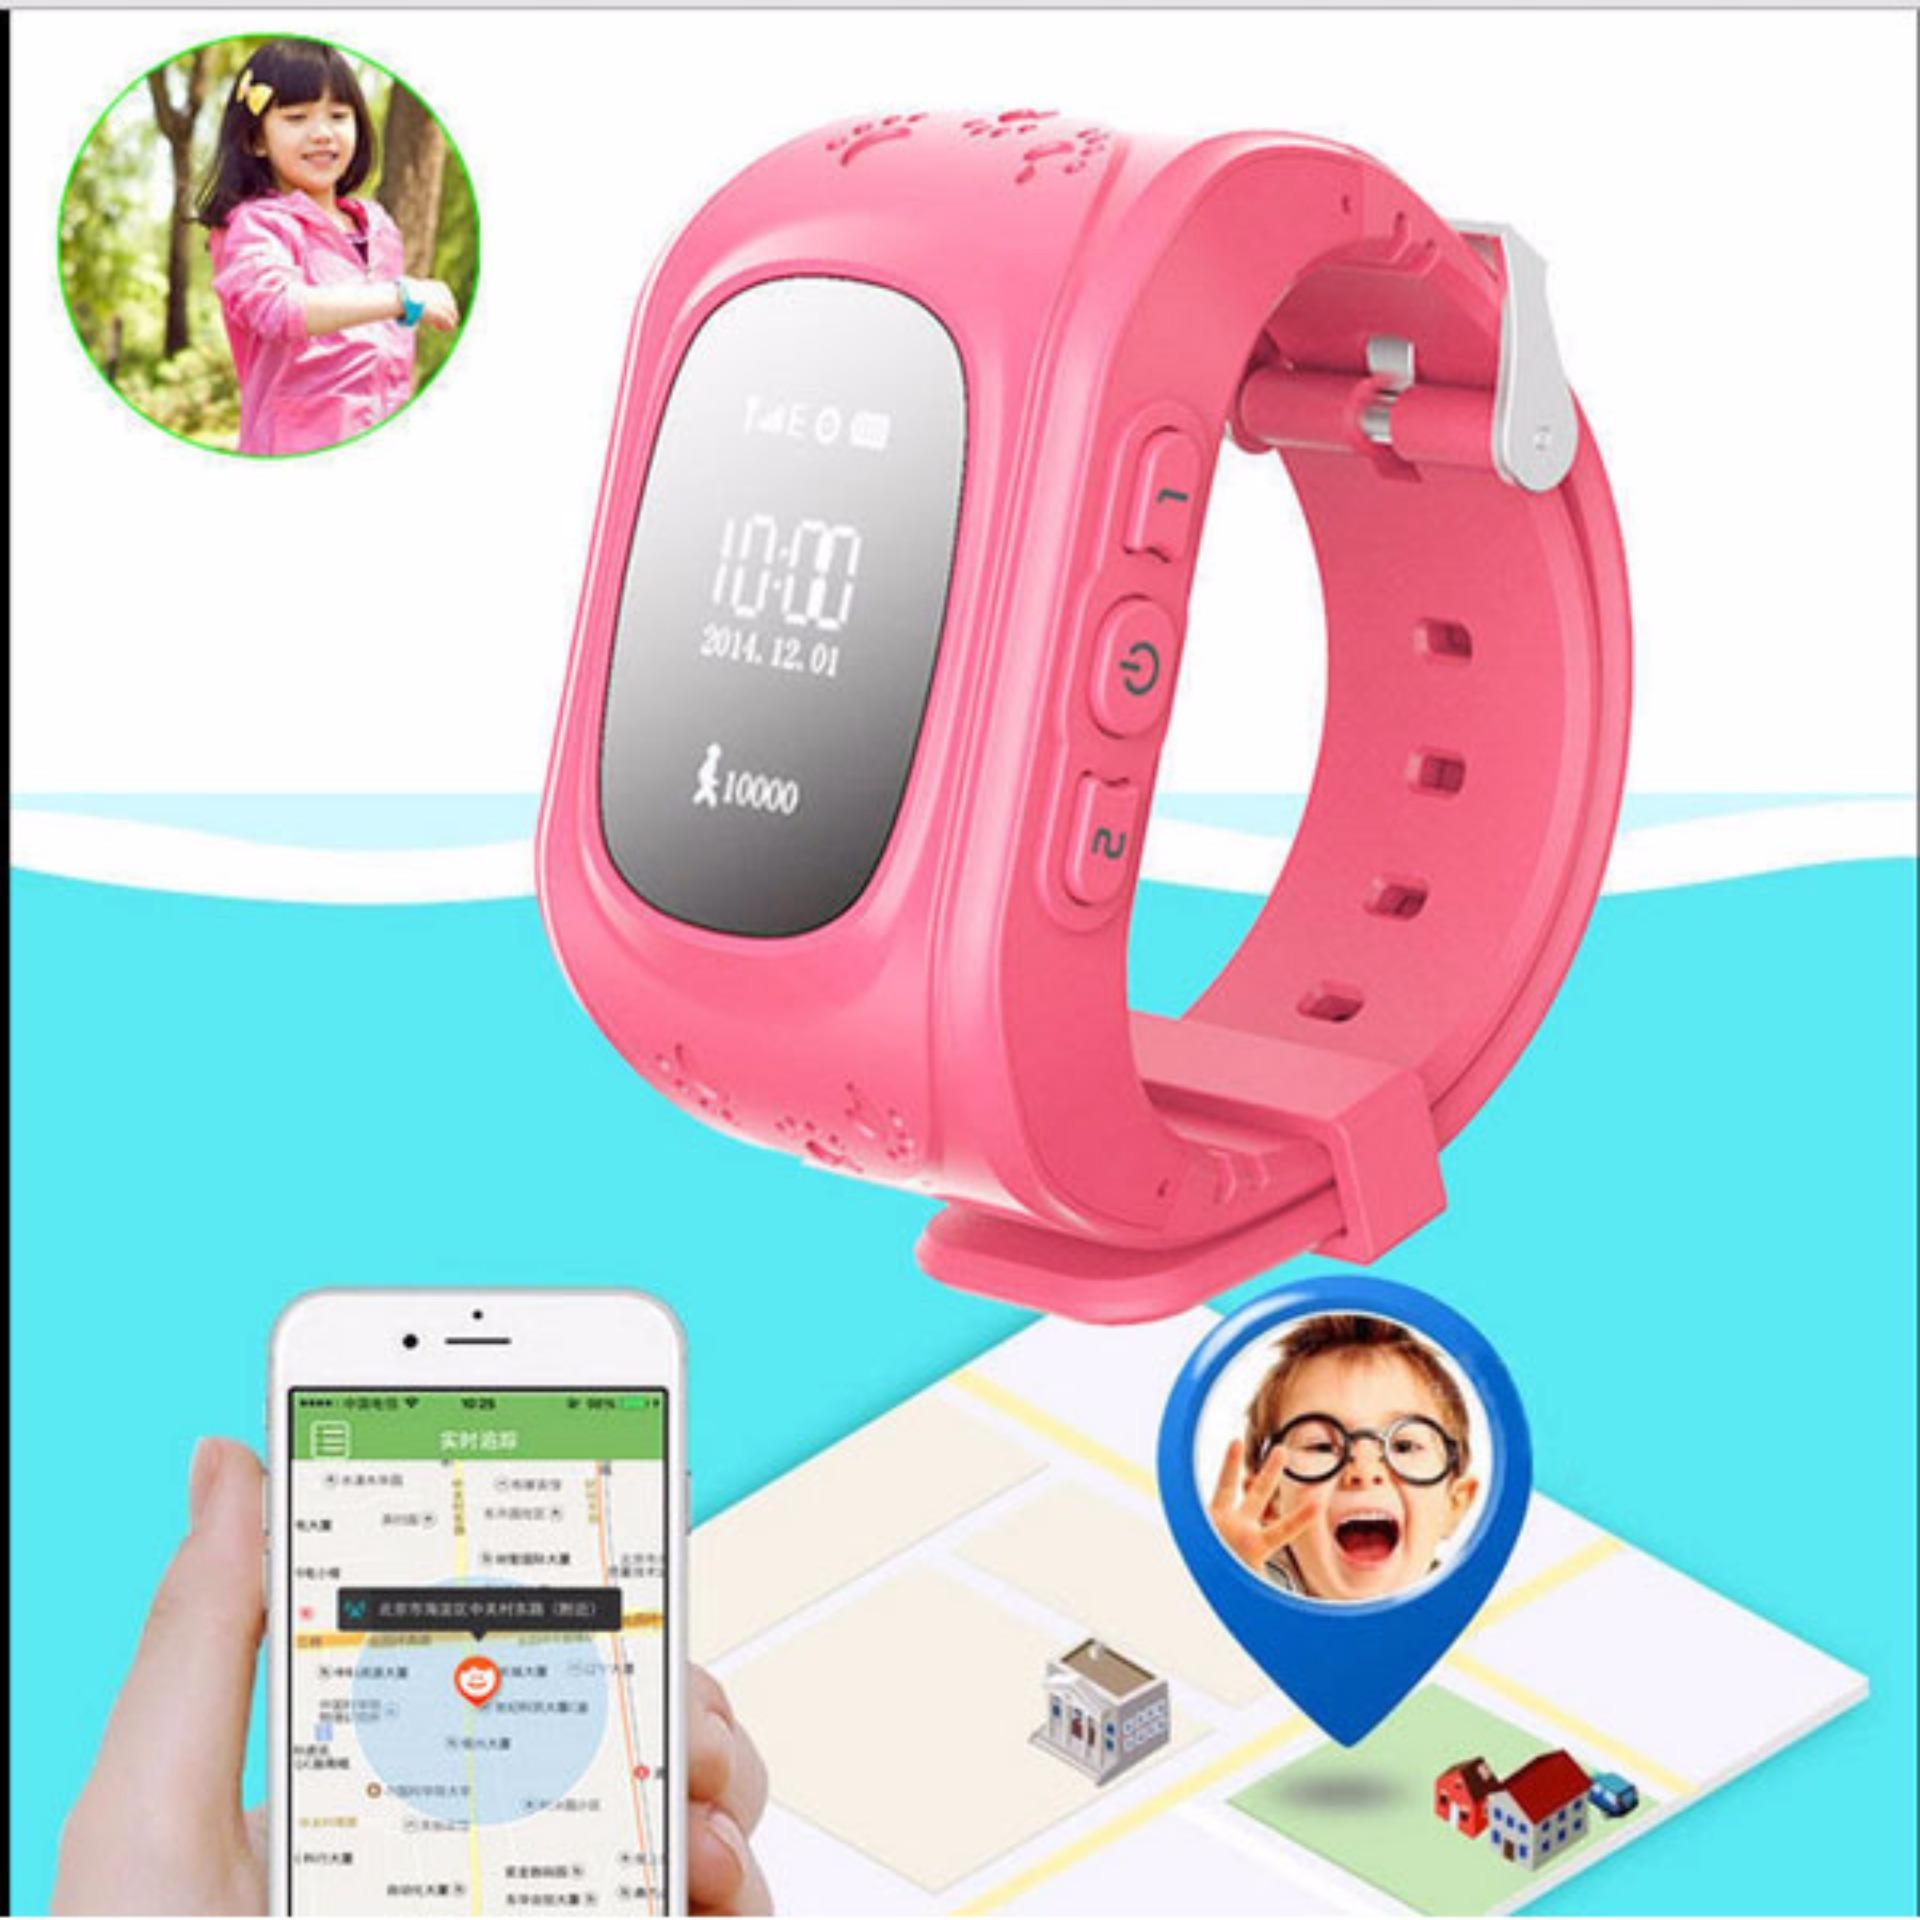 Đồng hồ điện thoại giám sát định vị trẻ em GPS Smartwatch (Màu xanh) + tặng đèn ngủ cảm ứng